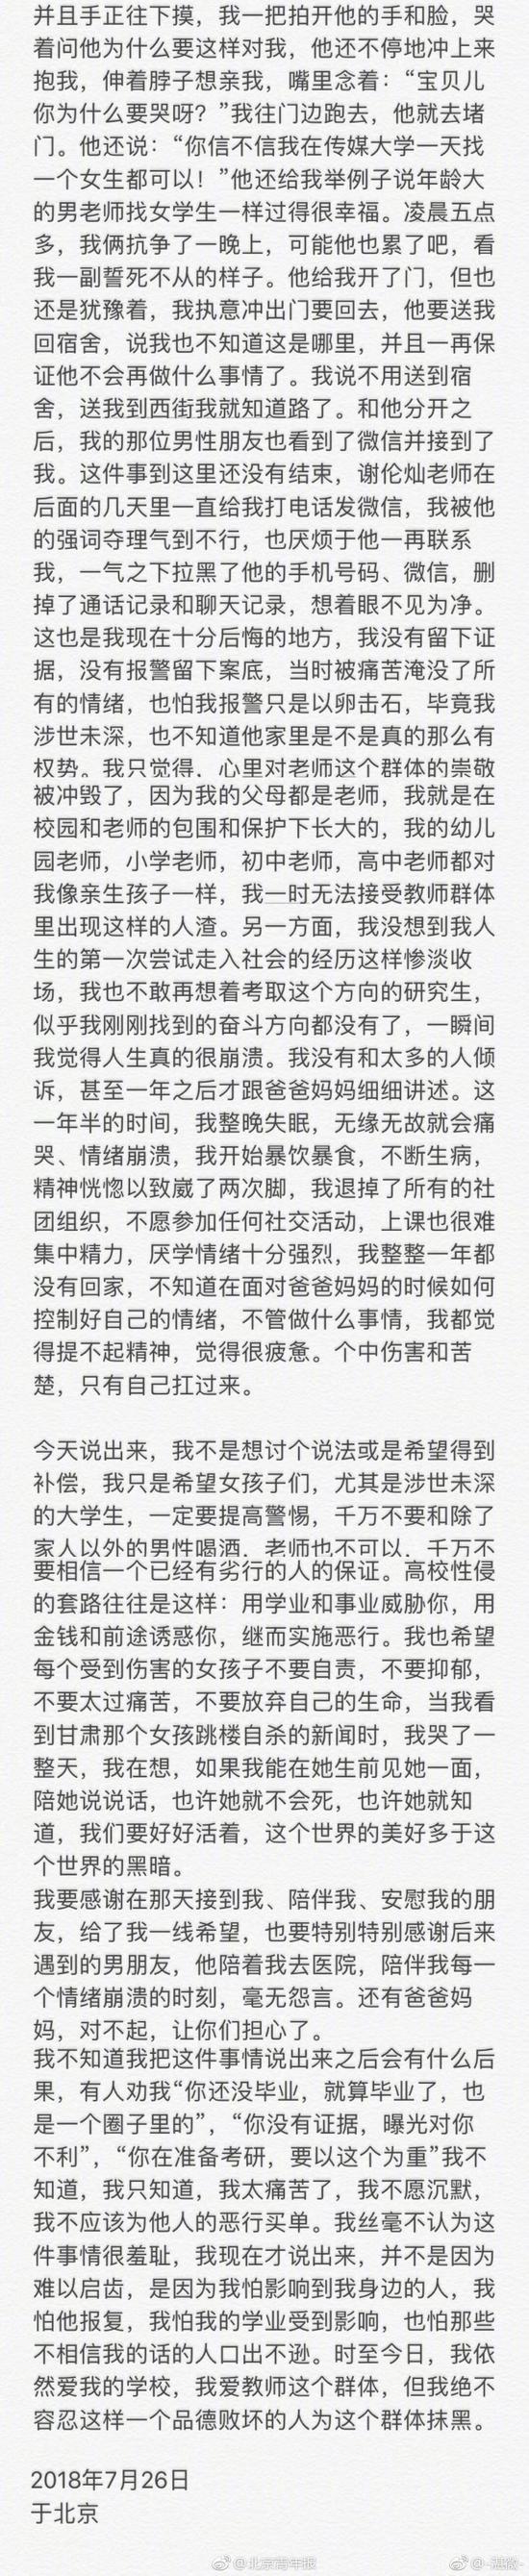 中传学生举报遭教师谢伦灿性骚扰 校方:绝不姑息